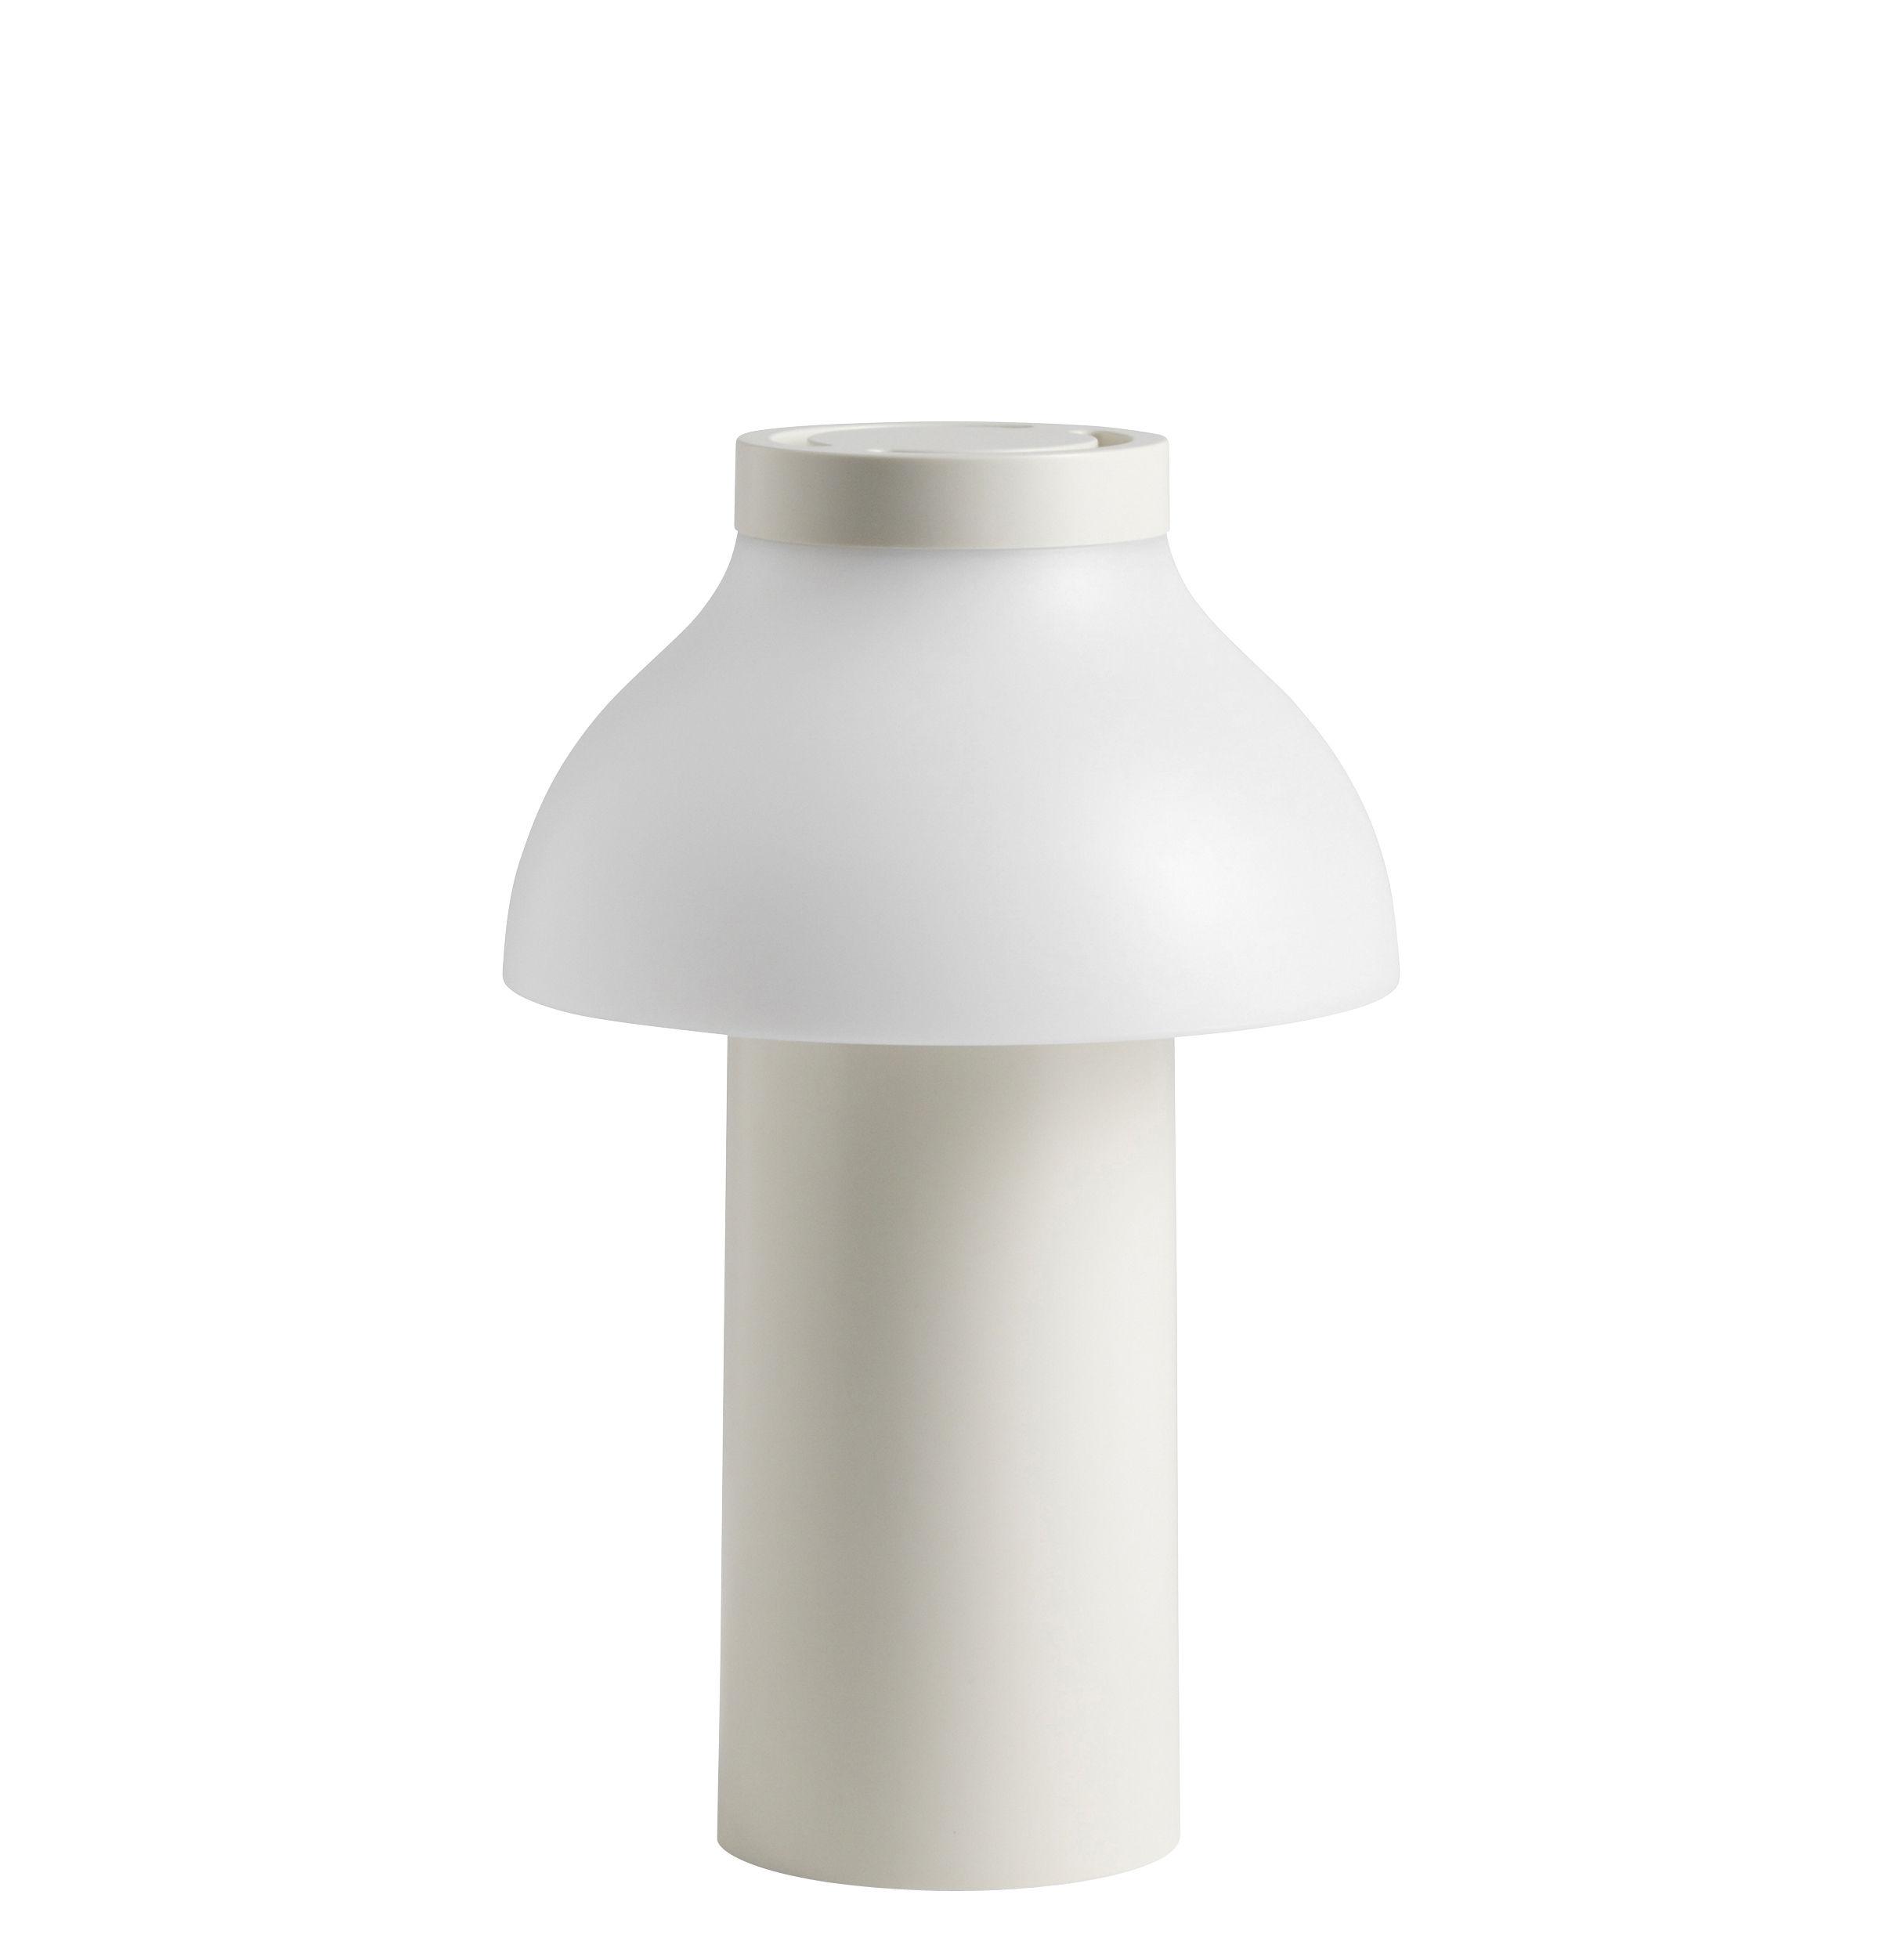 Leuchten - Tischleuchten - PC Portable LED Lampe ohne Kabel / outdoorgeeignet - Aufladen über USB-Port - Hay - Cremefarben - Polyäthylen